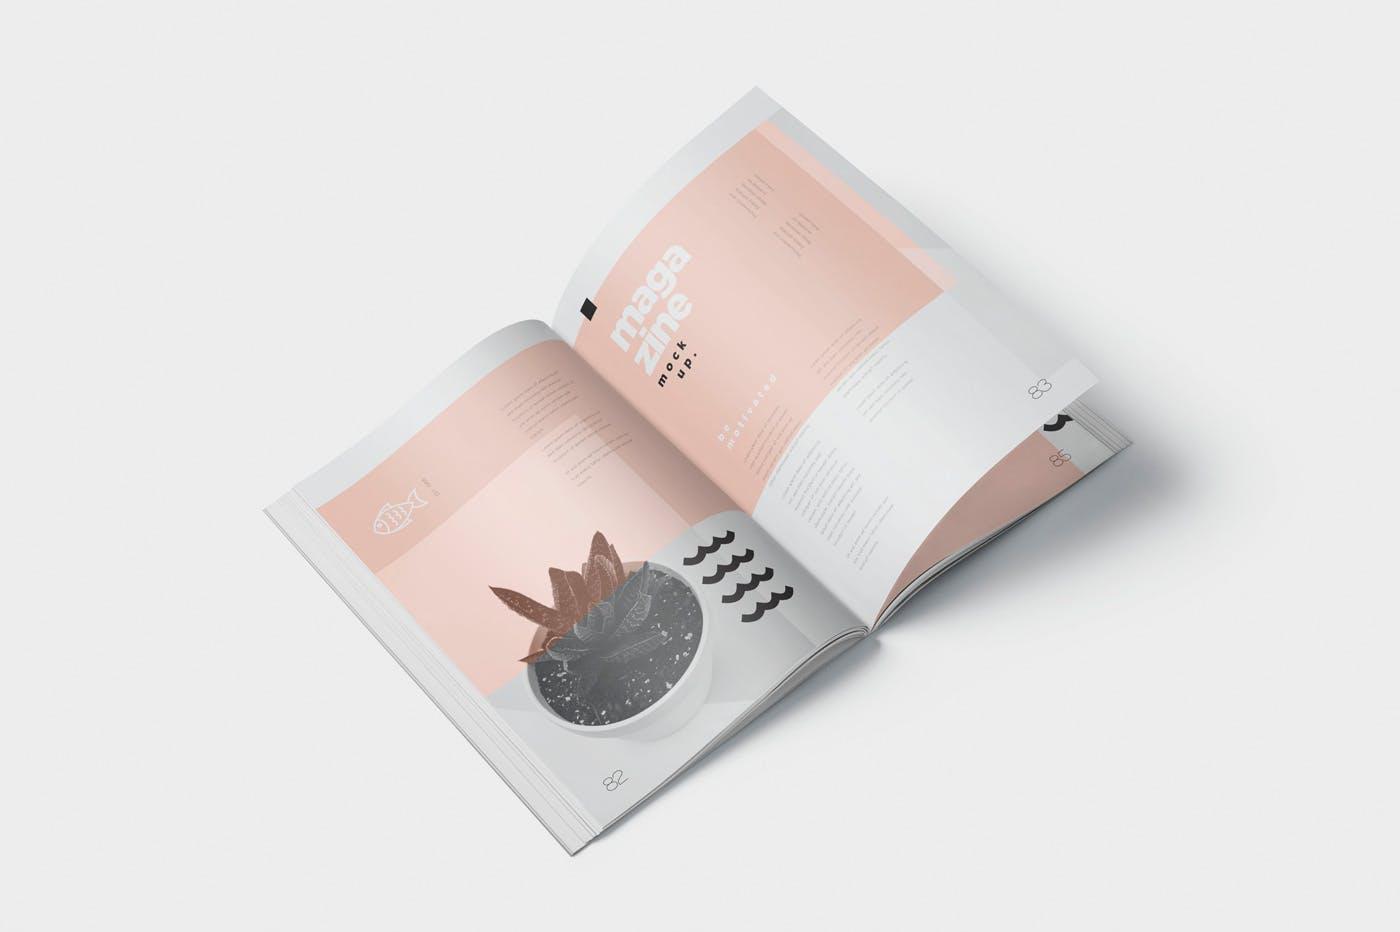 时尚杂志智能贴图样机素材  模板样机 Magazine Spread Mockups插图(2)